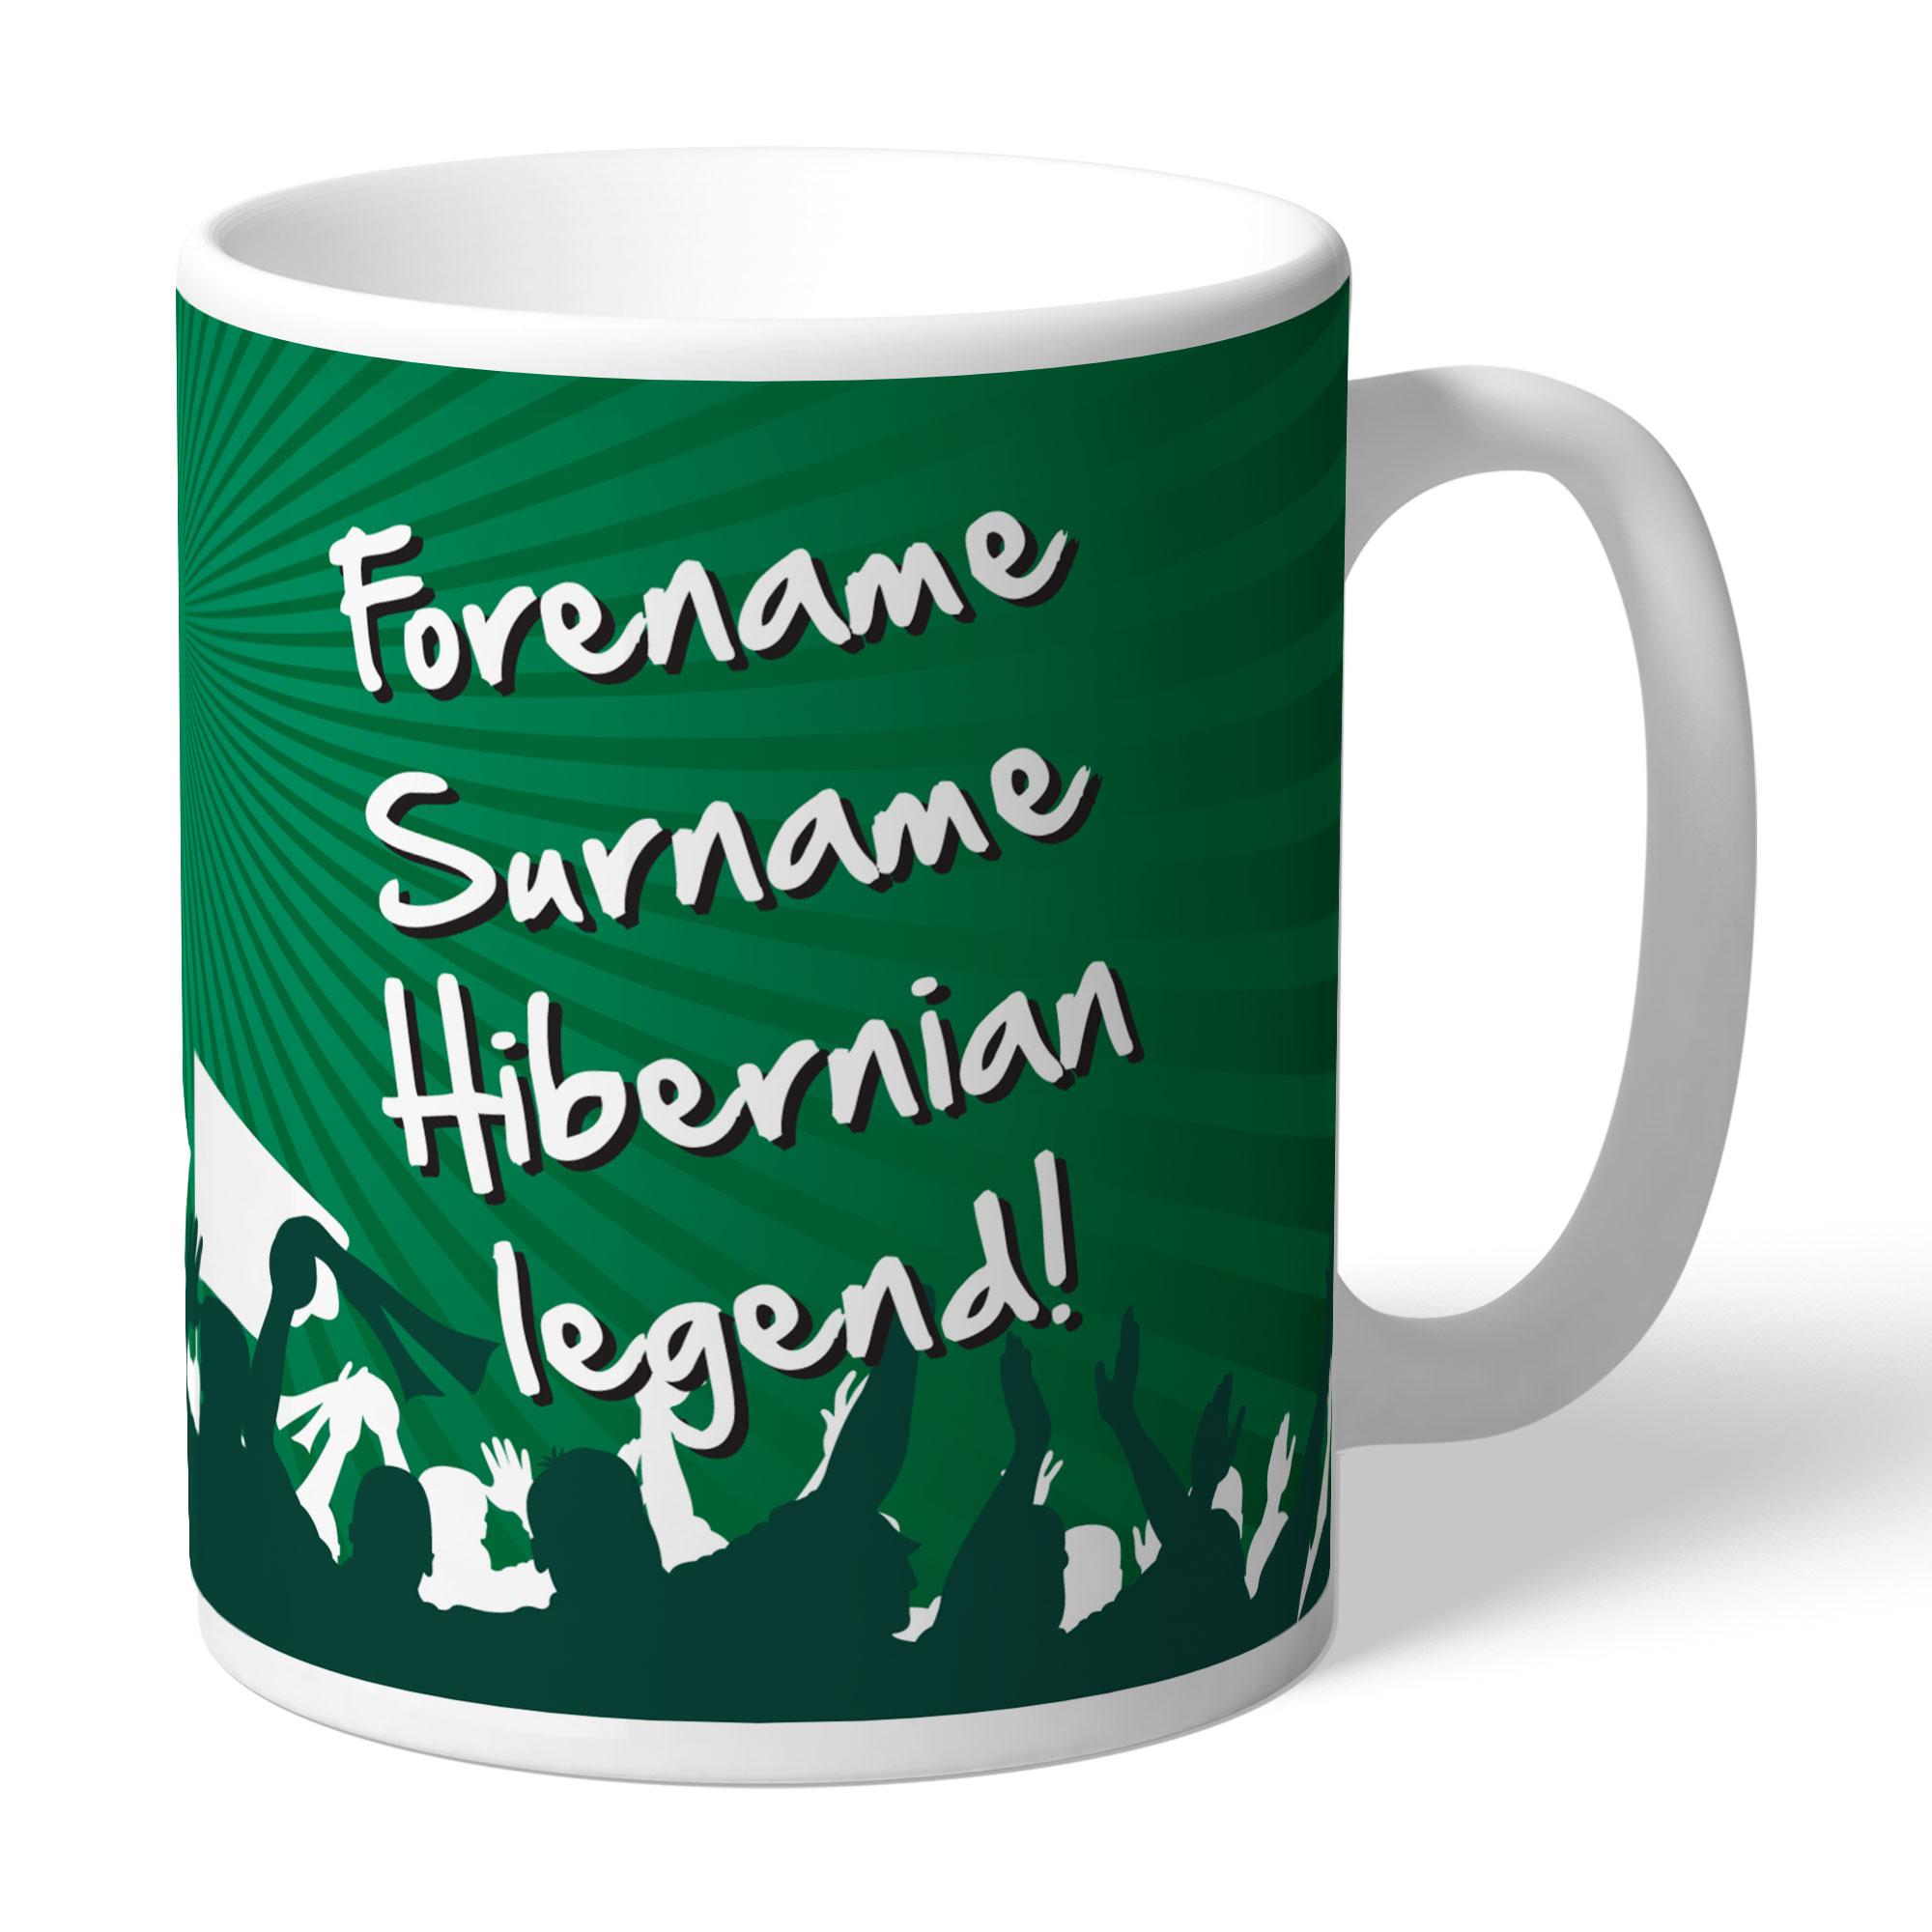 Hibernian FC Legend Mug